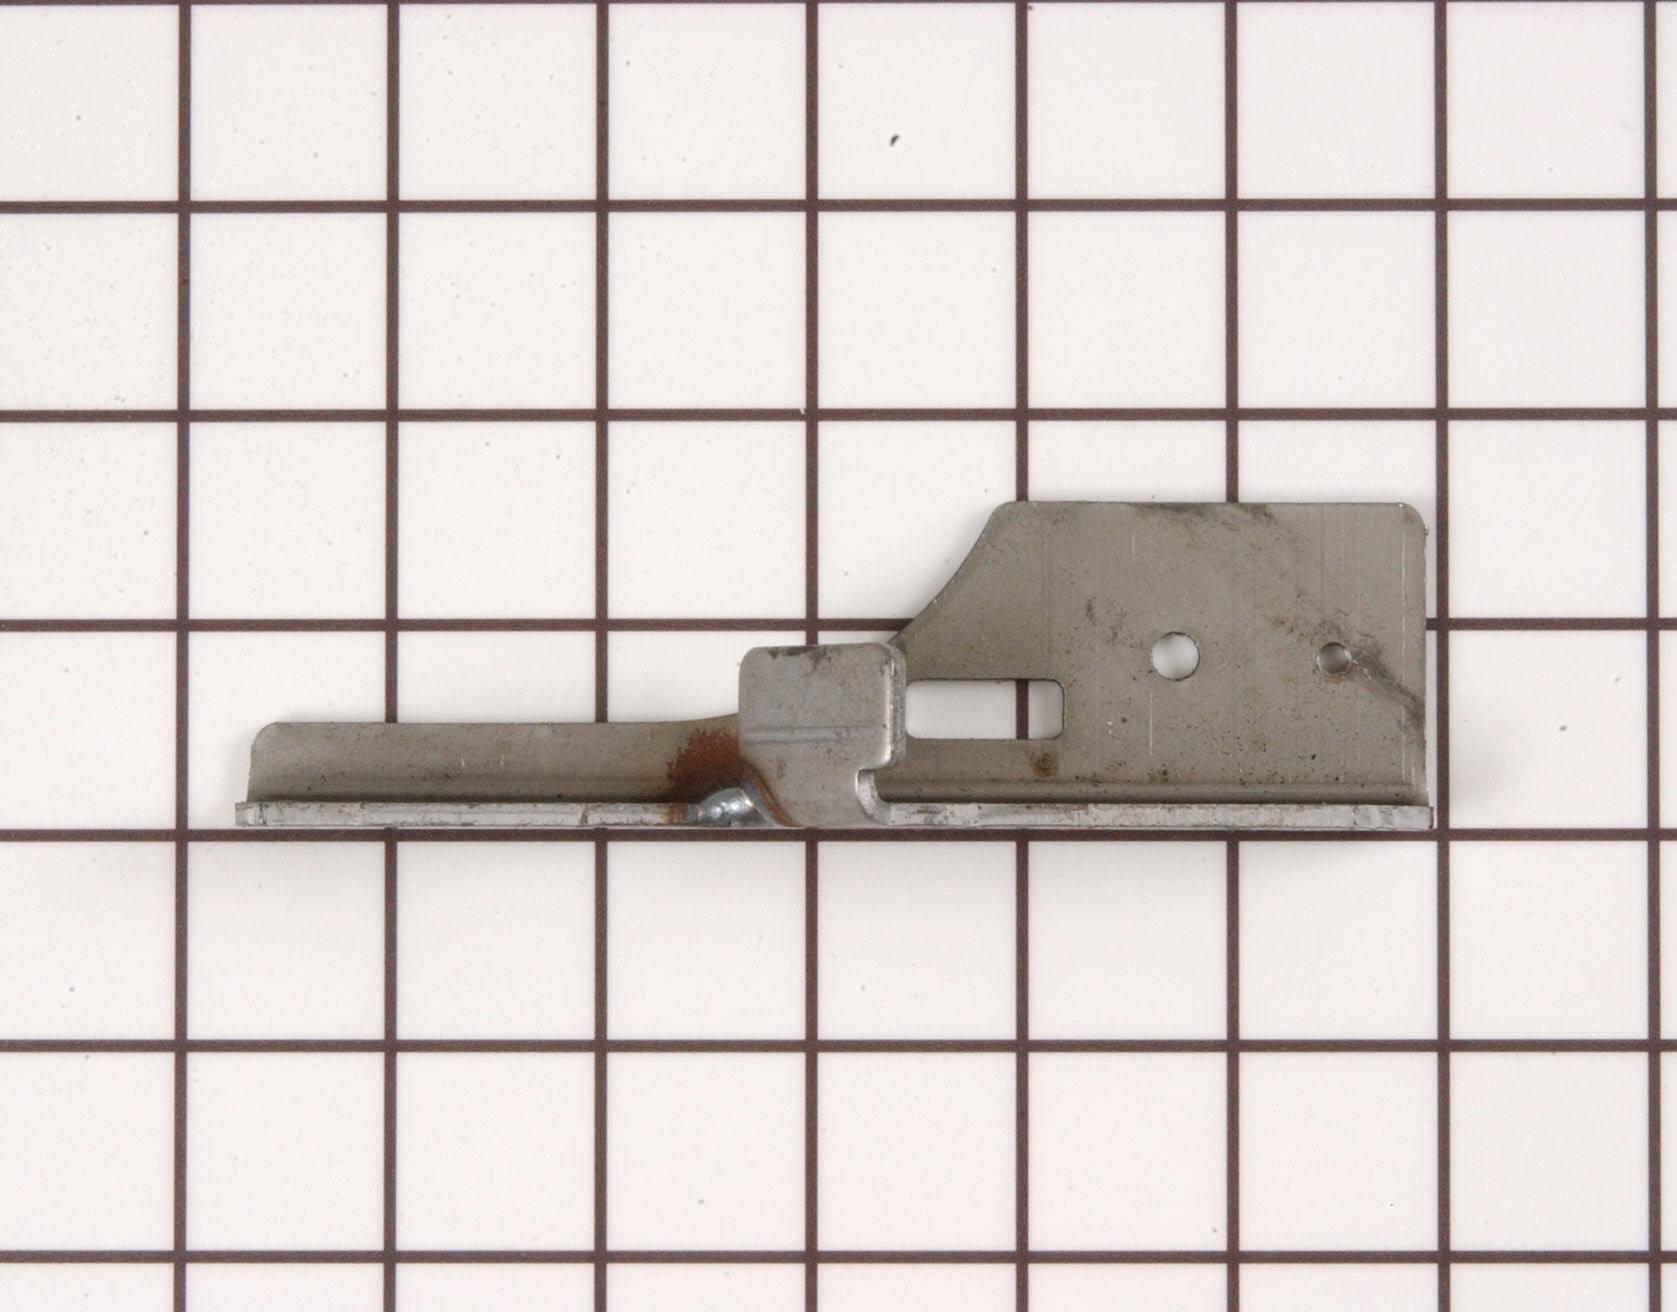 KitchenAid Range/Stove/Oven Part # WP4455723 - Hinge